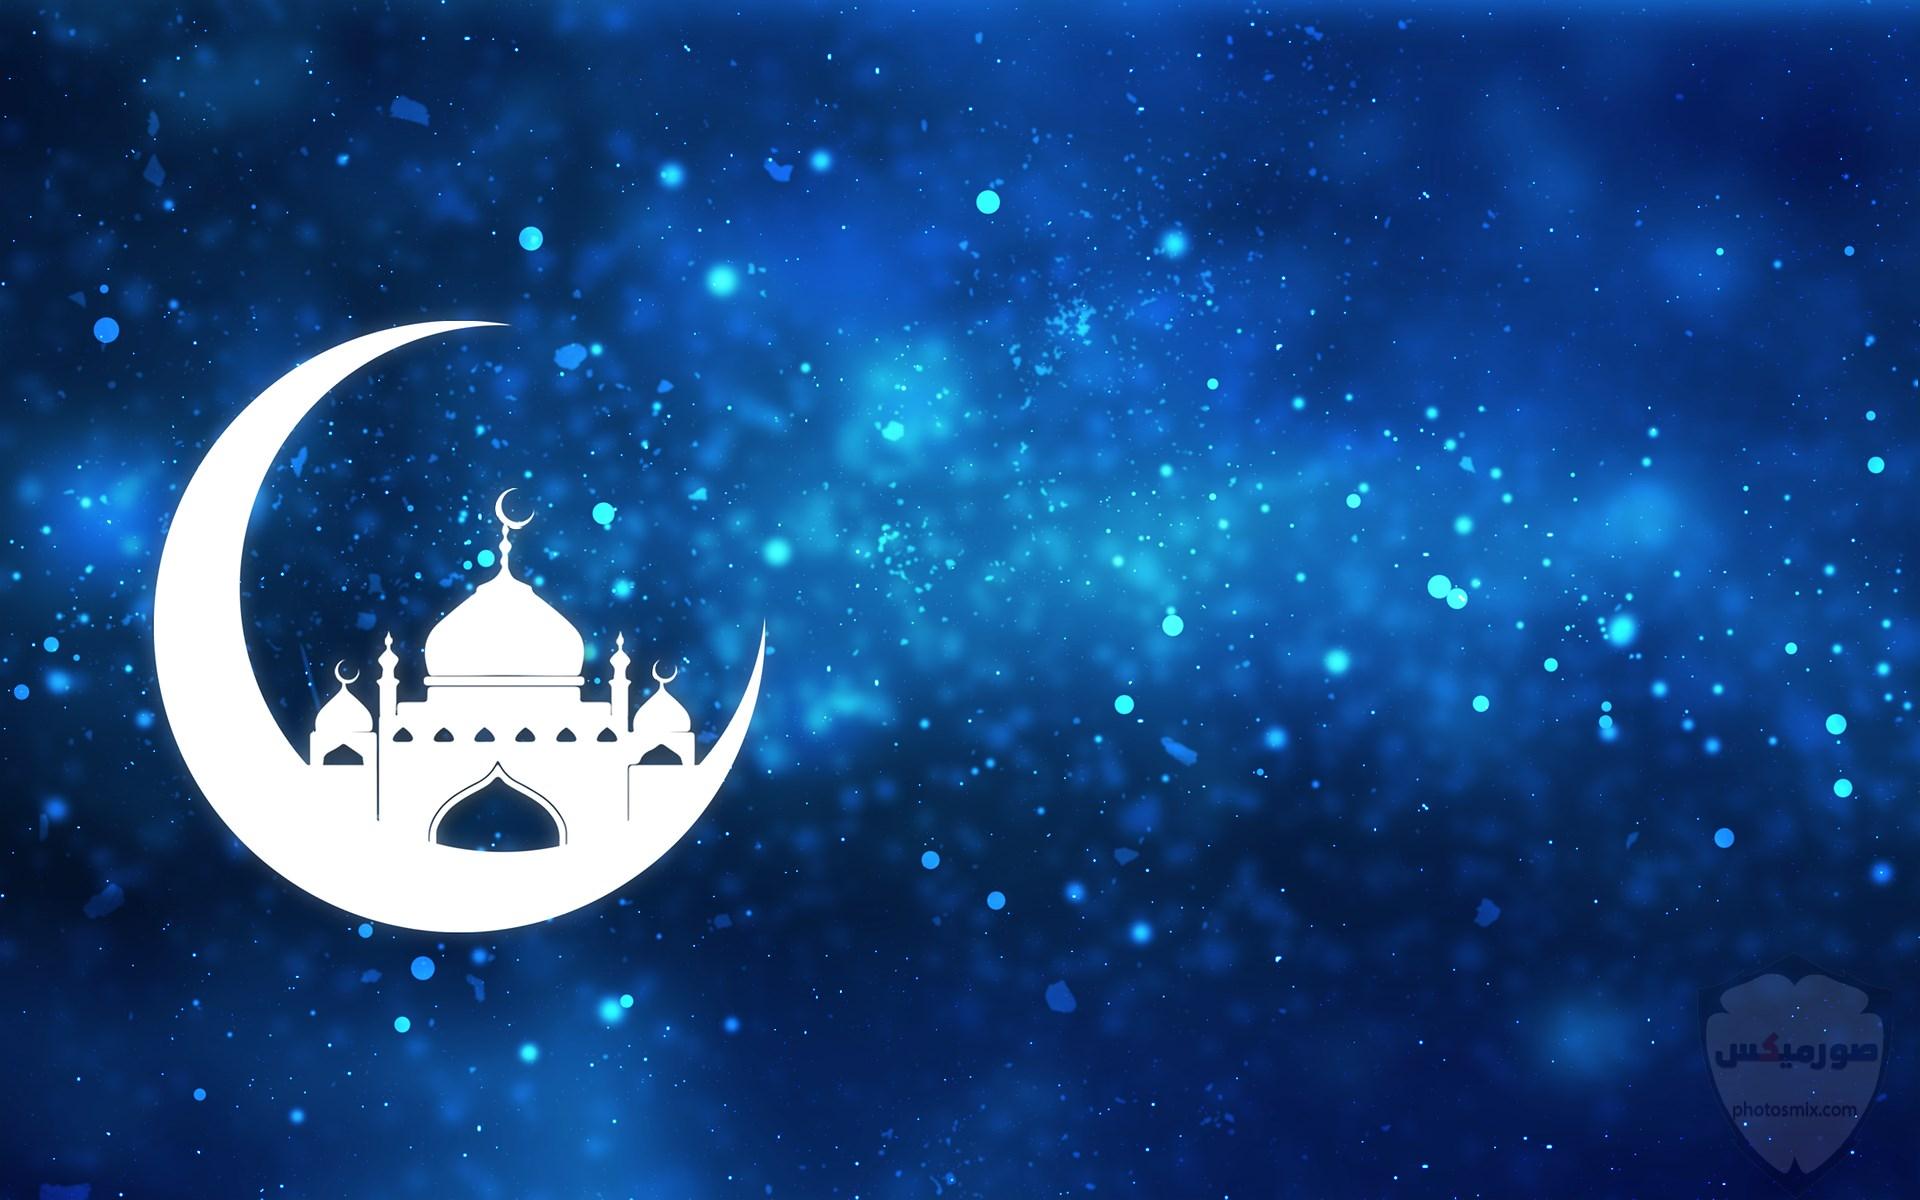 دعاء رمضان 2020 الادعية الرمضان فى 2020 1